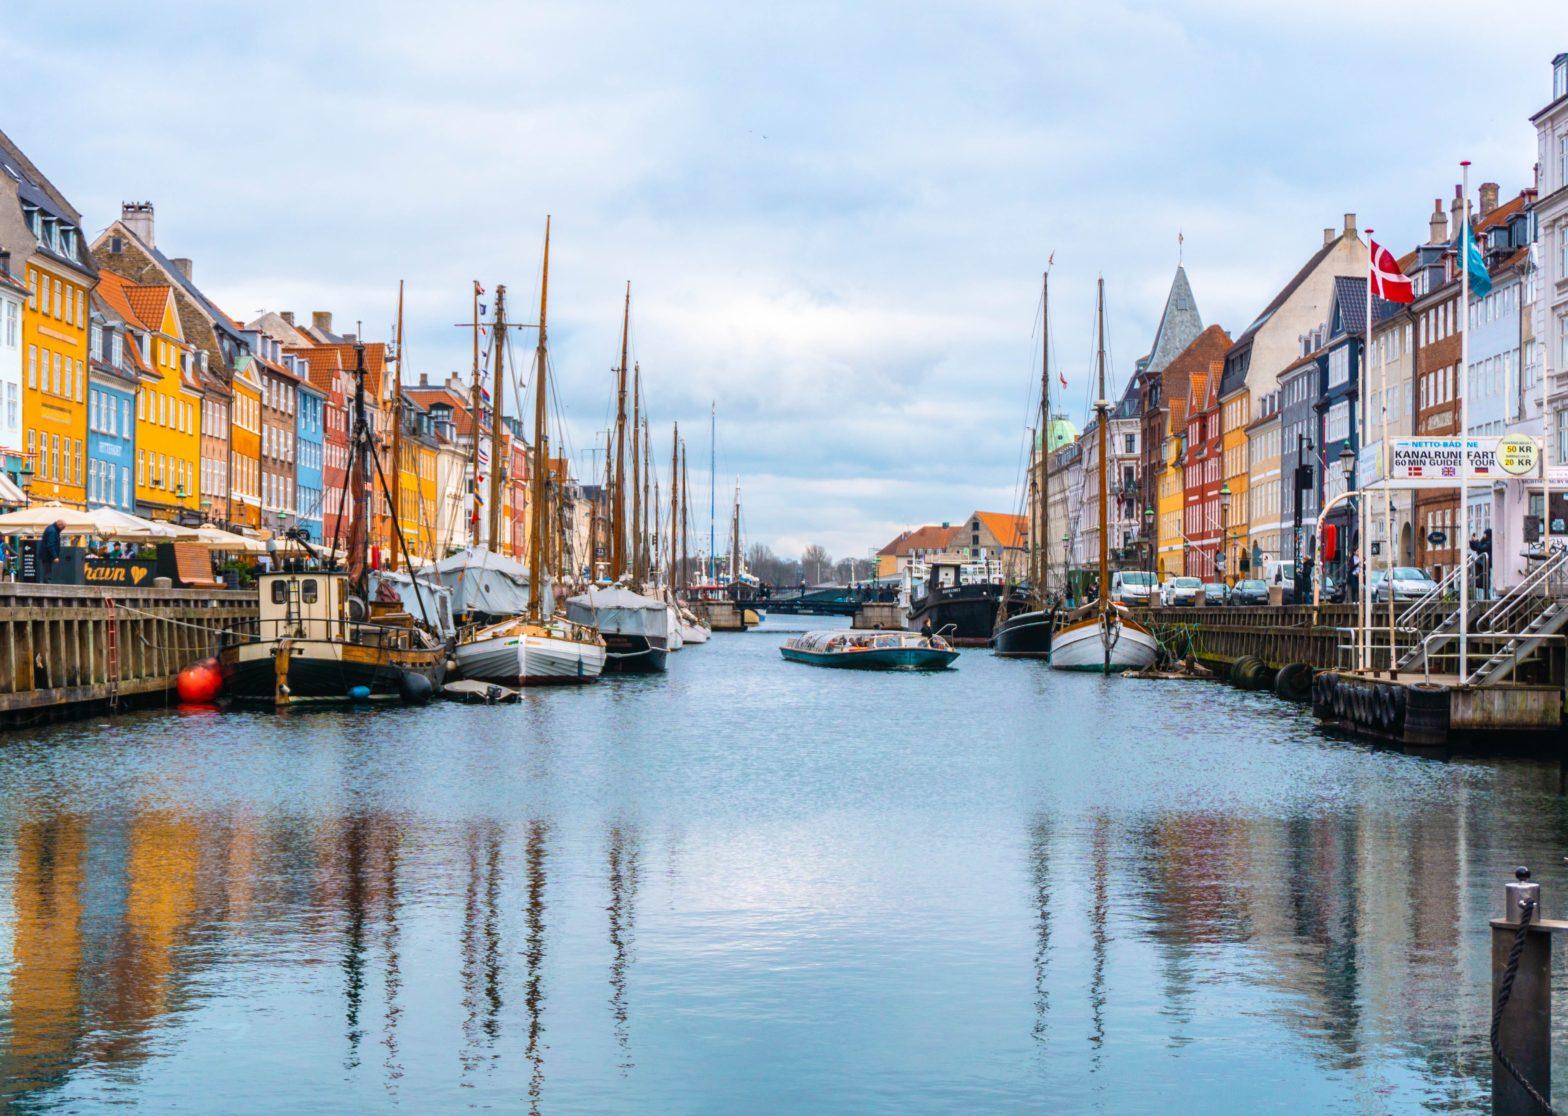 Découvrir Copenhague. Article de Julien Manival